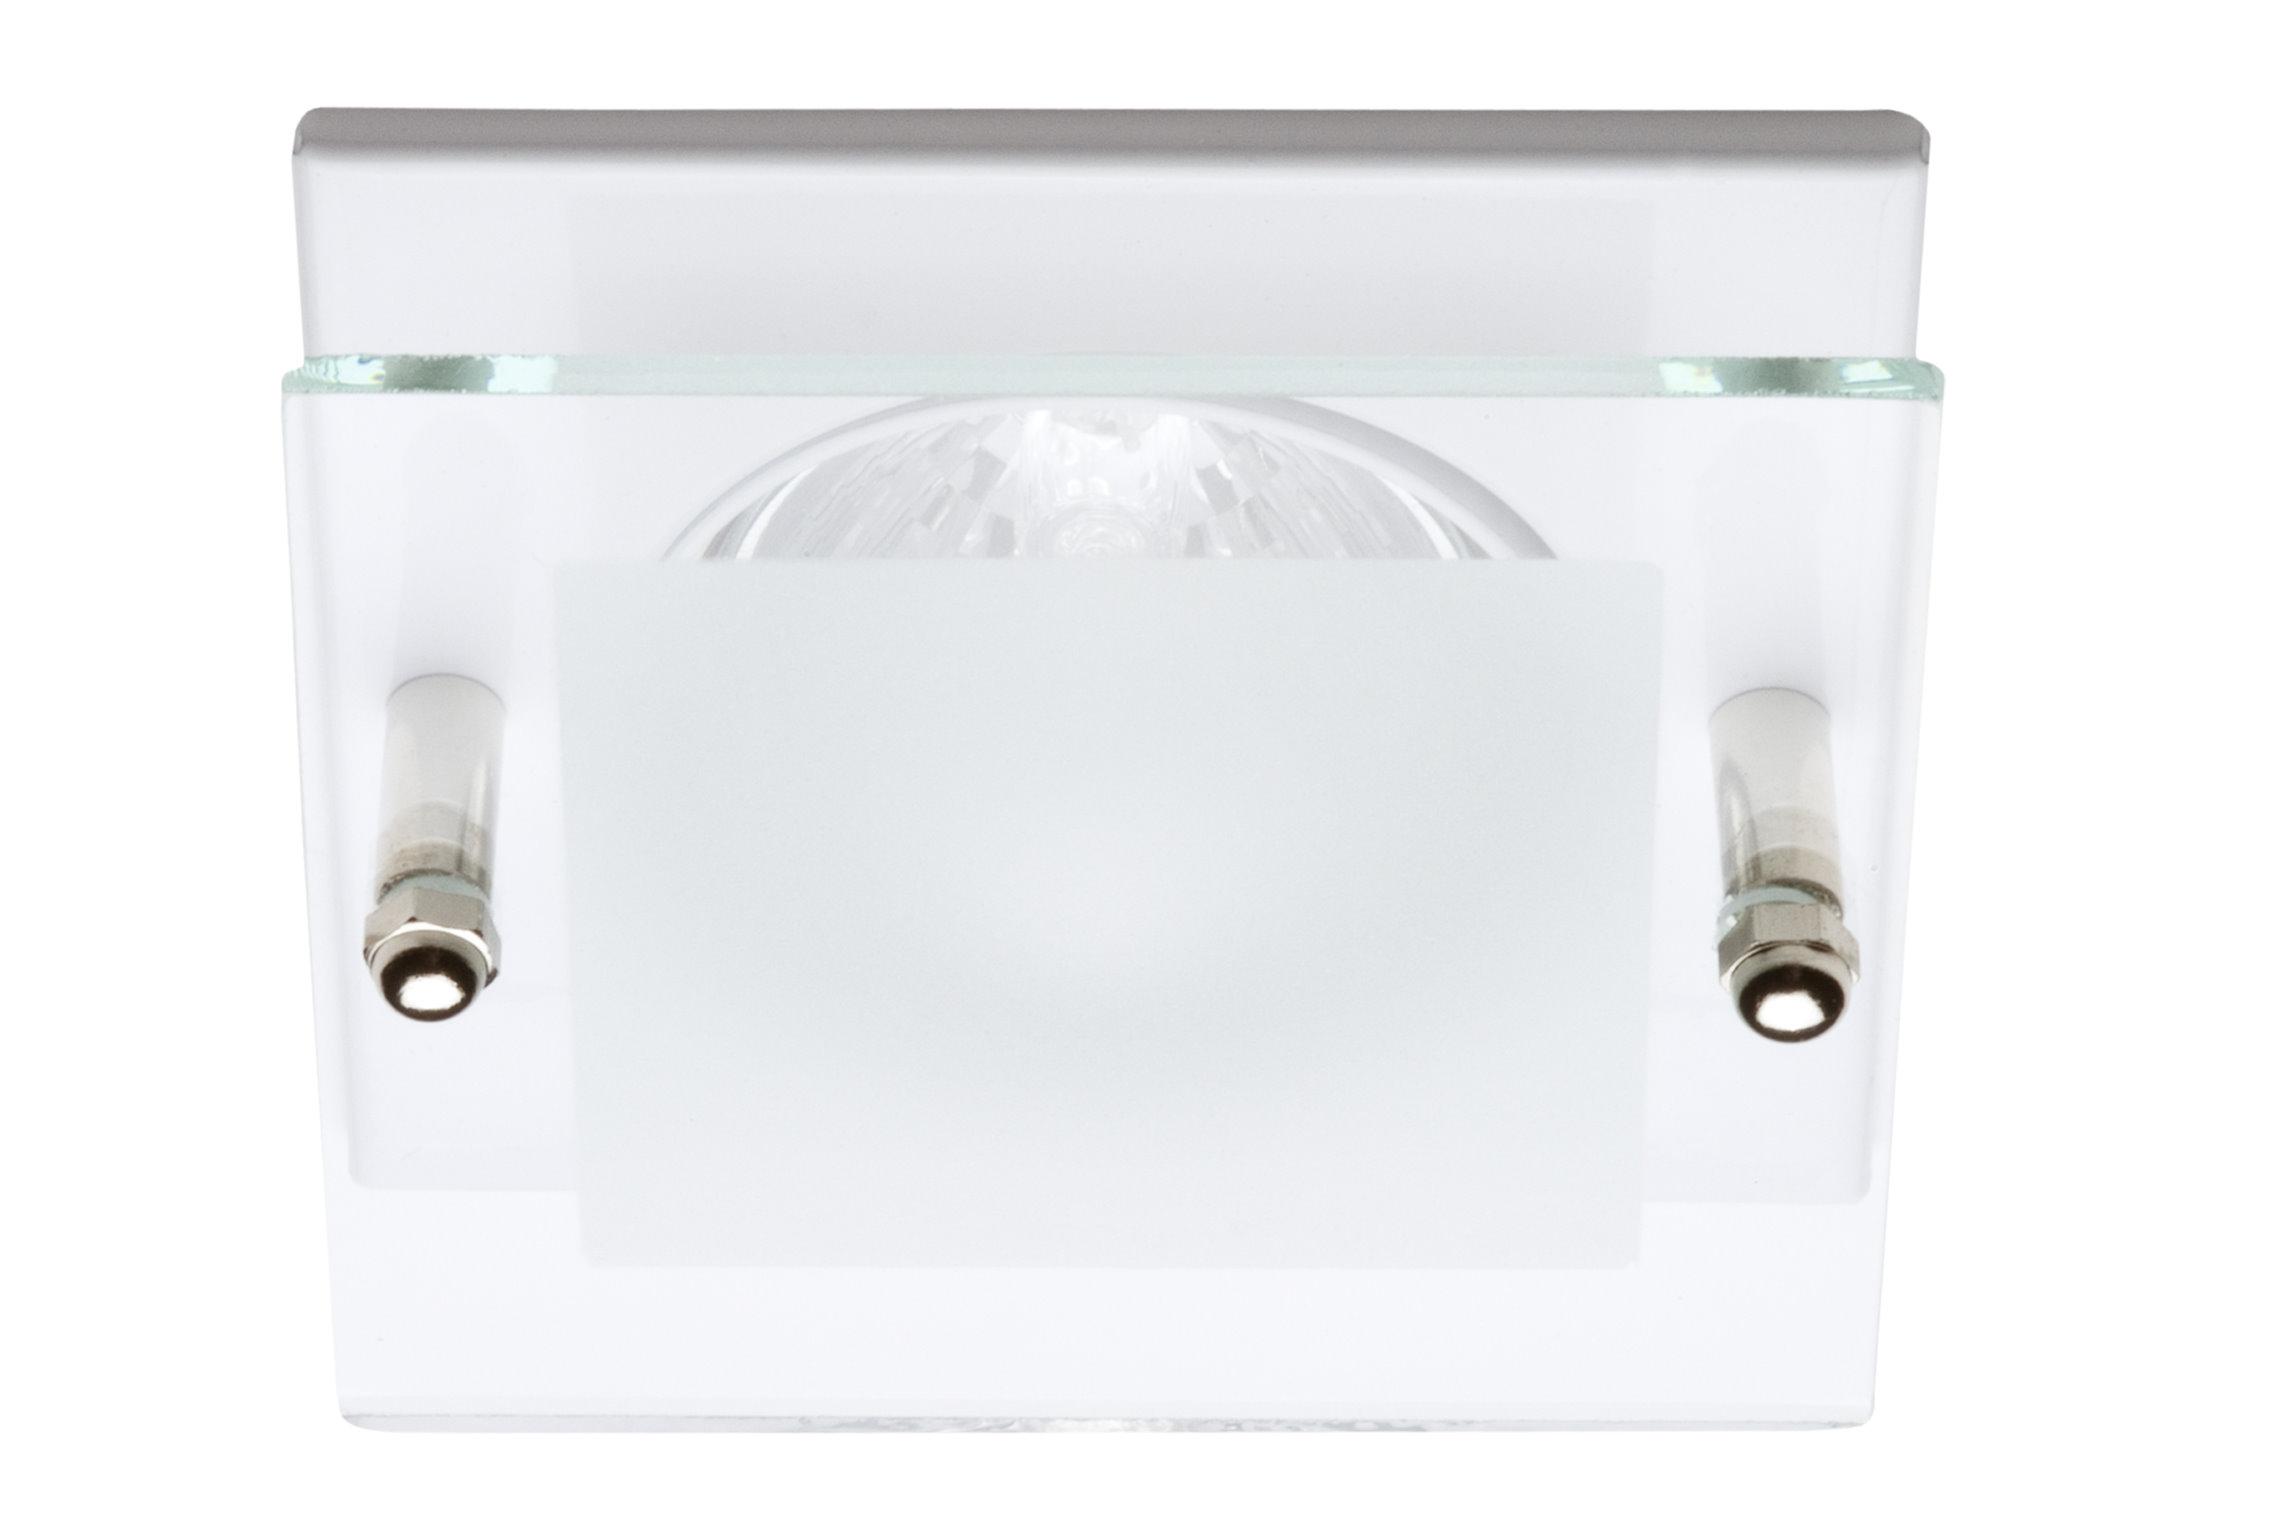 3er mr16 komplett set 12v 3w einbaulampen led spots deckenstrahler leuchten ebay. Black Bedroom Furniture Sets. Home Design Ideas